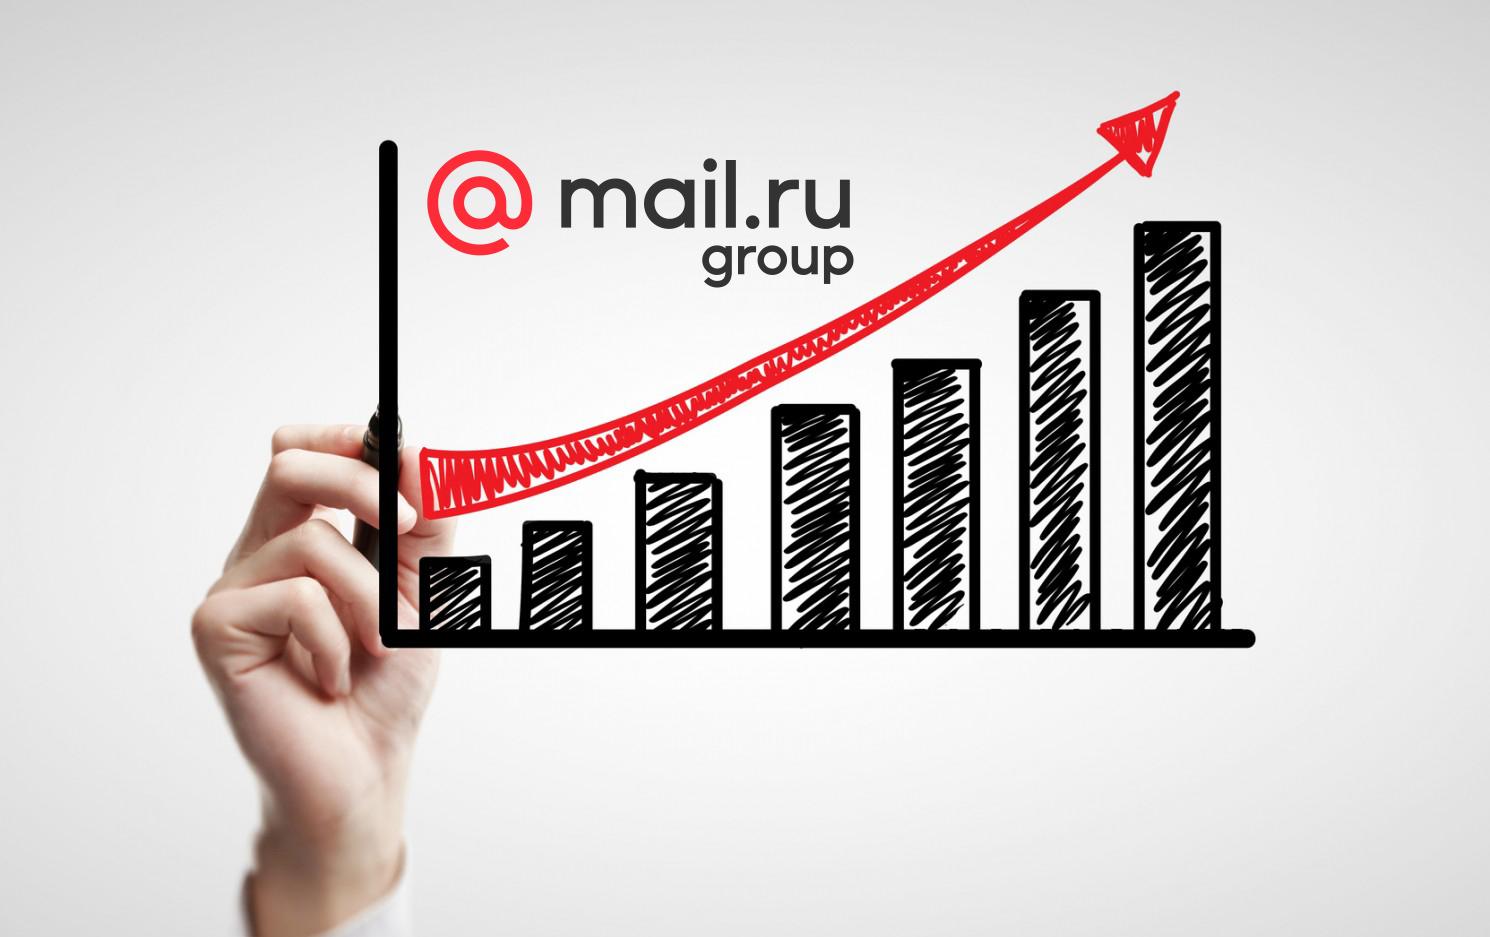 Бумаги Mail.ru Group дорожают благодаря сделке с Amazon